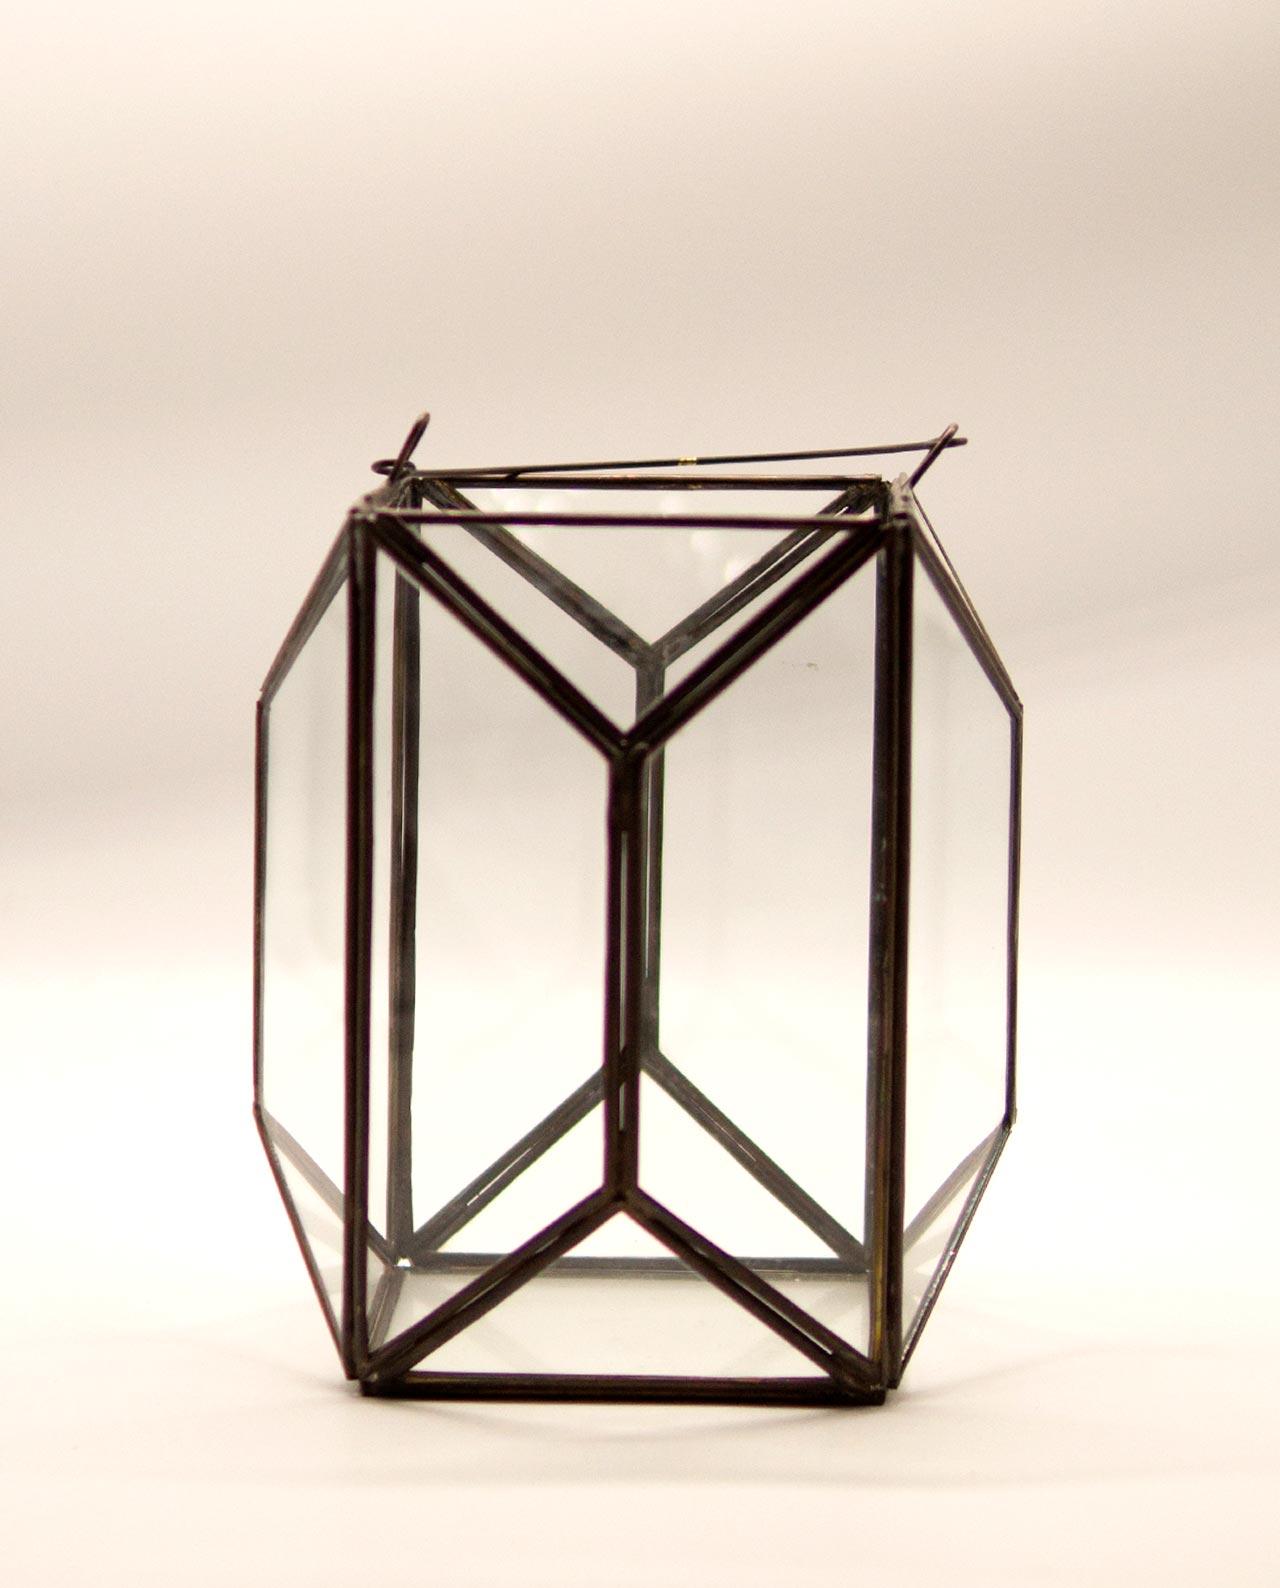 """Φανάρι """"Polygon"""" χαλκός & γυαλί χειροποίητο ύψος 20 cm"""